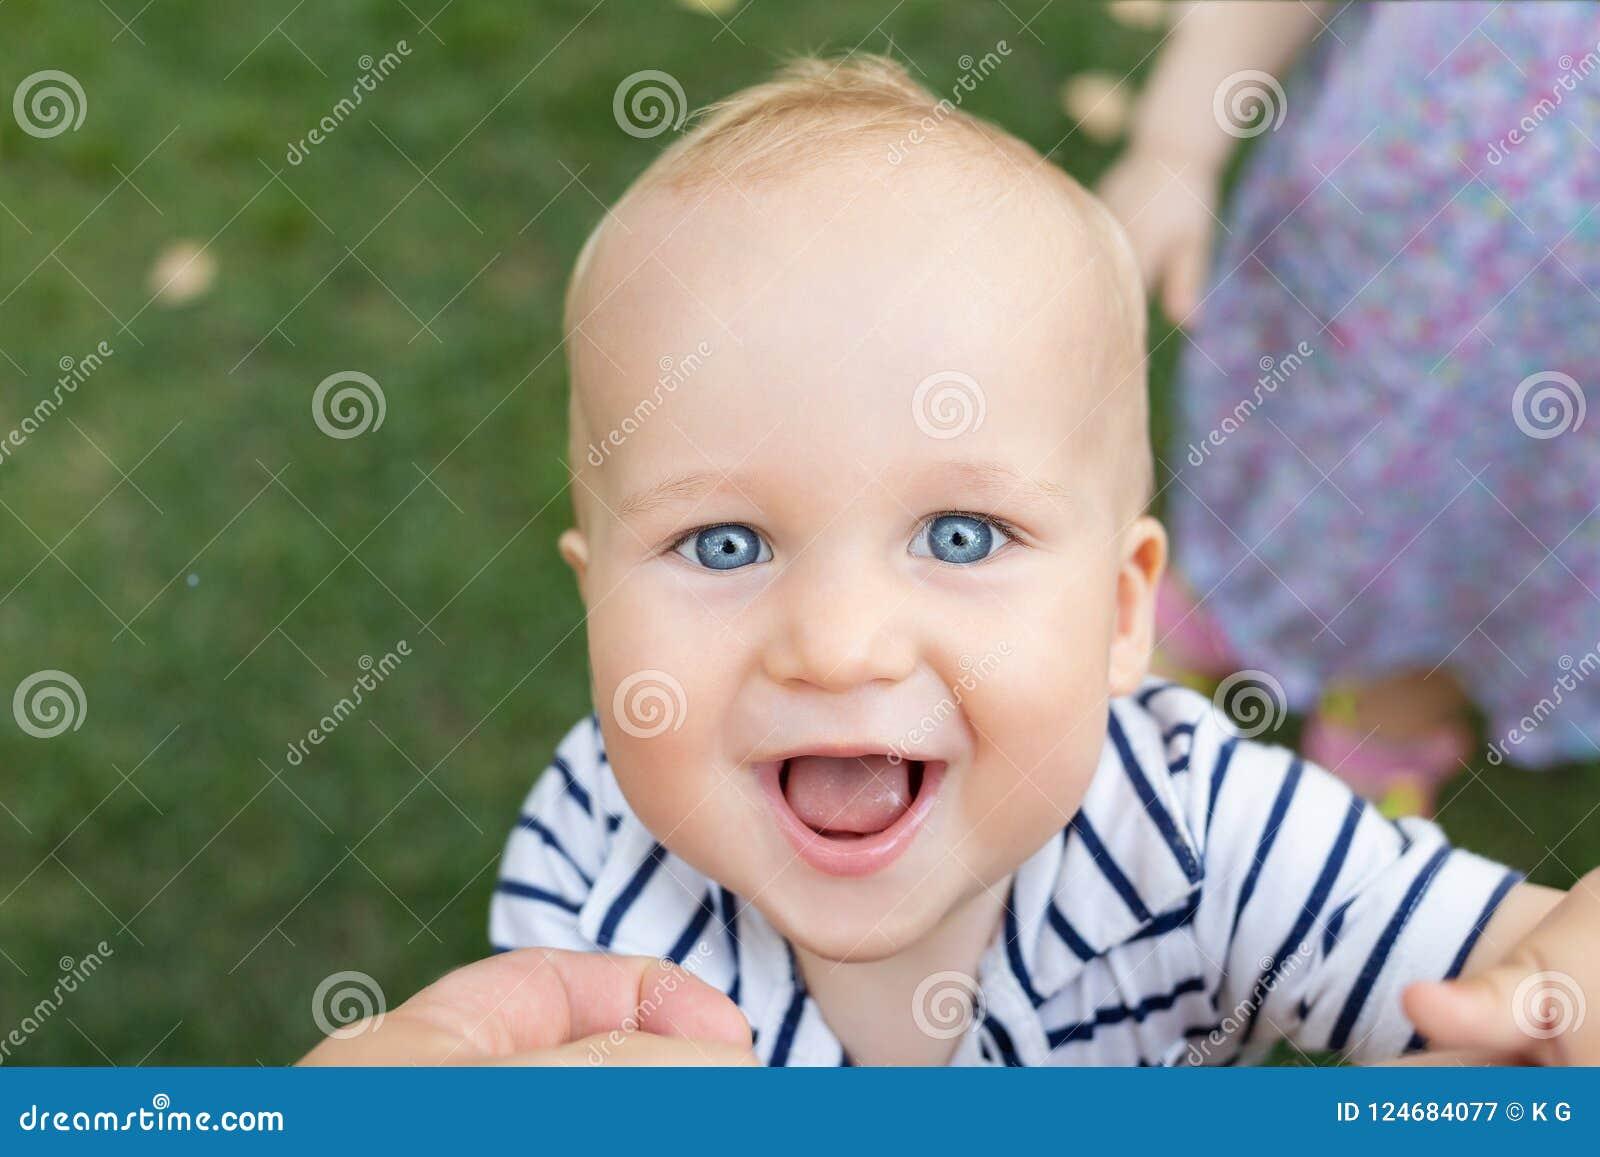 Zakończenie portret śliczna caucasian chłopiec uśmiecha się zabawę z rodzicami outdoors i ma Szczęśliwa dziecięca twarz z dużym